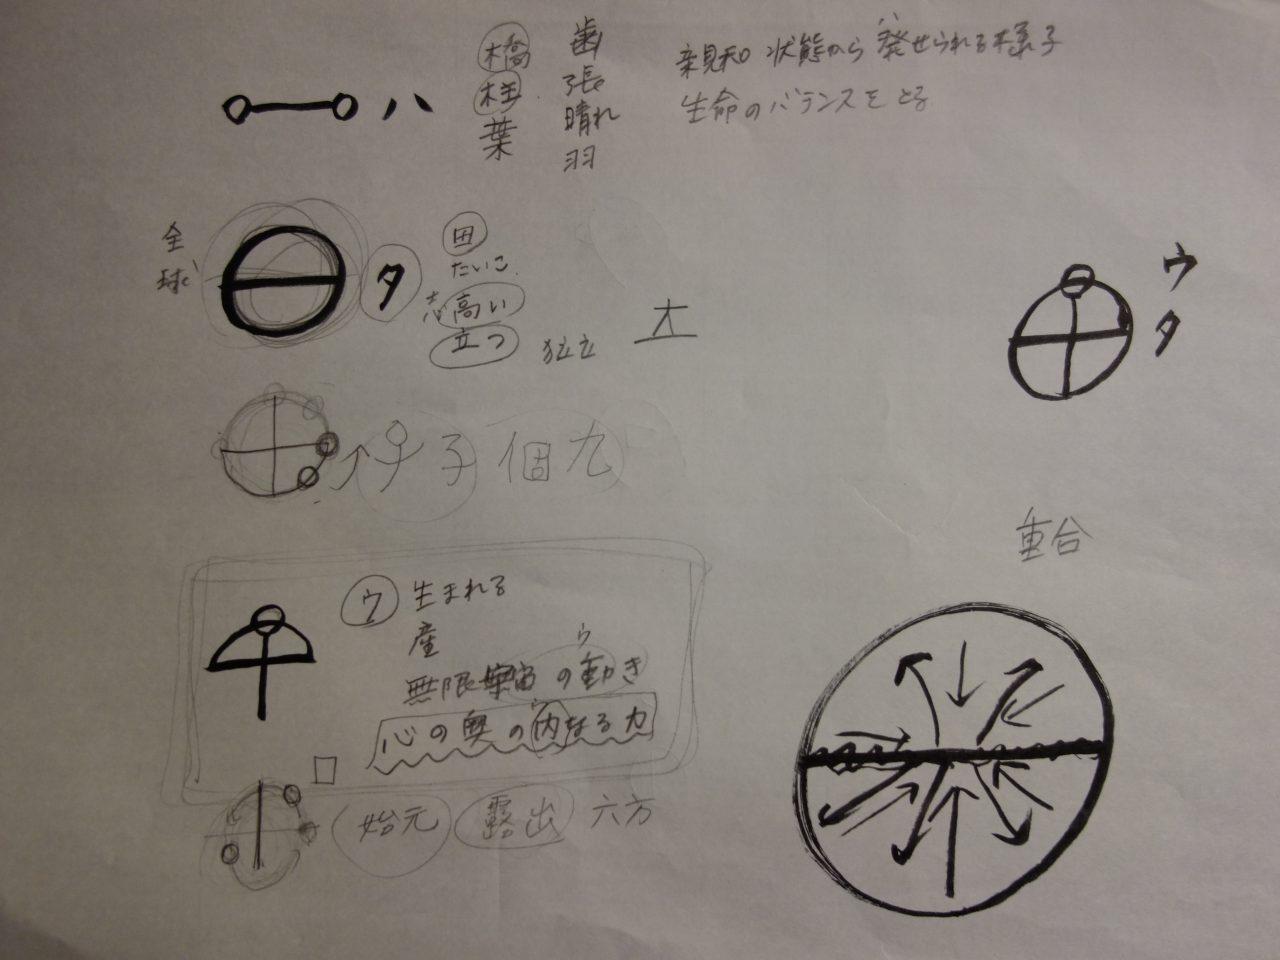 古代文字と漢字からのお名前鑑定を受ける